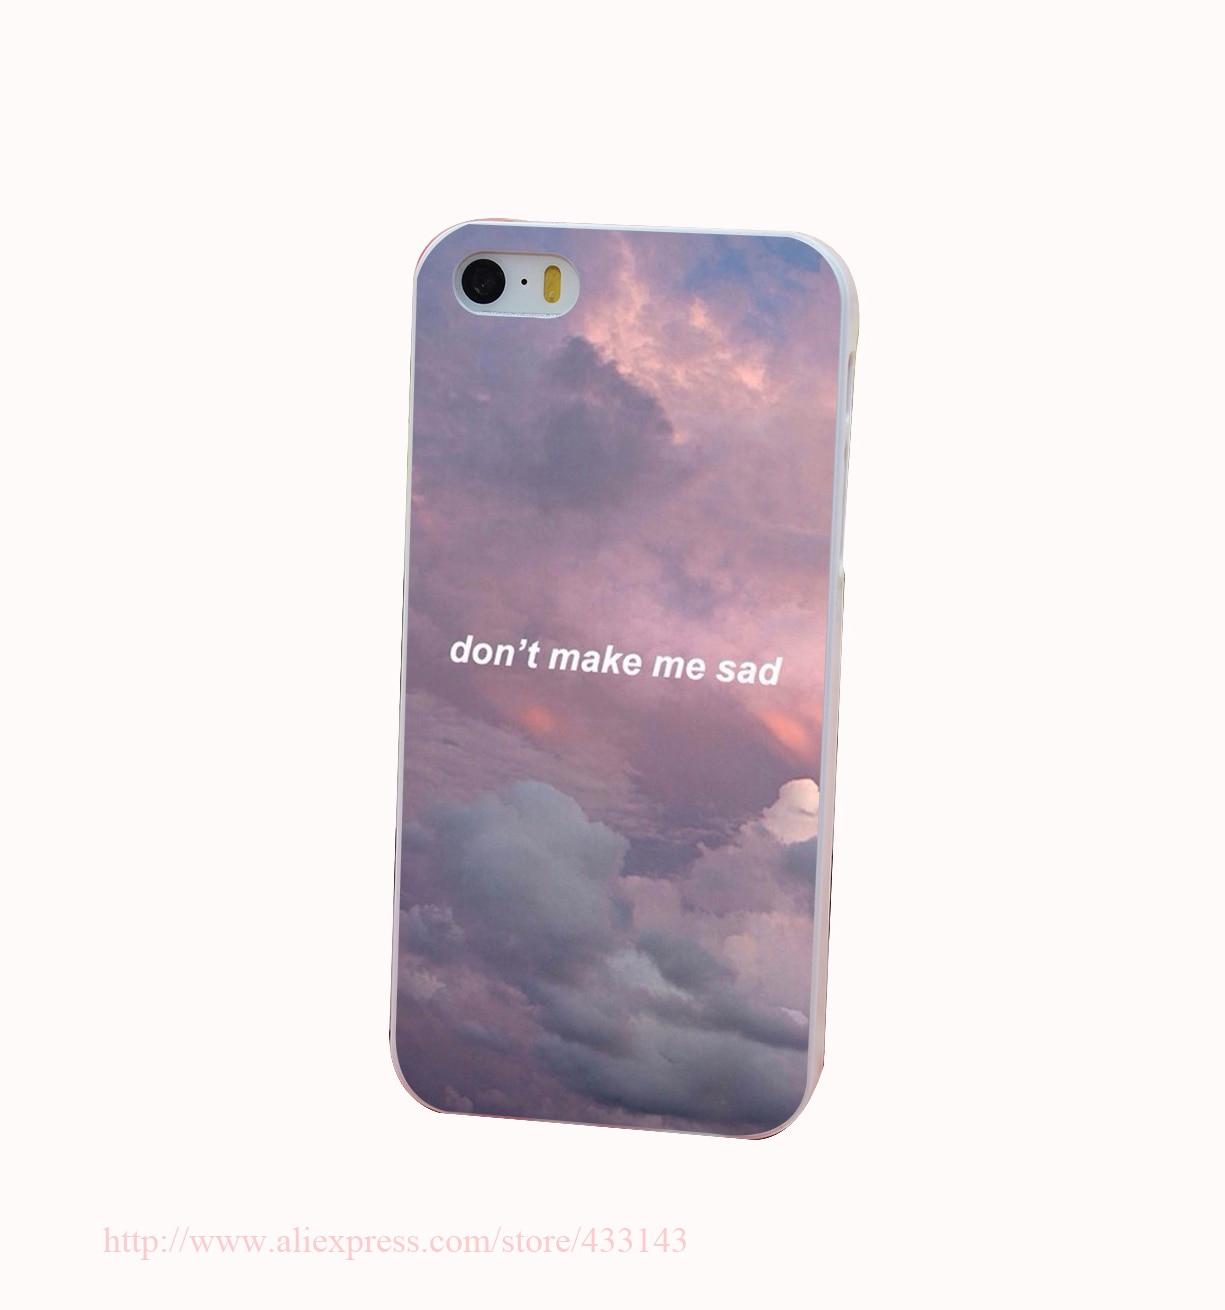 aesthetic iphone 6 plus case